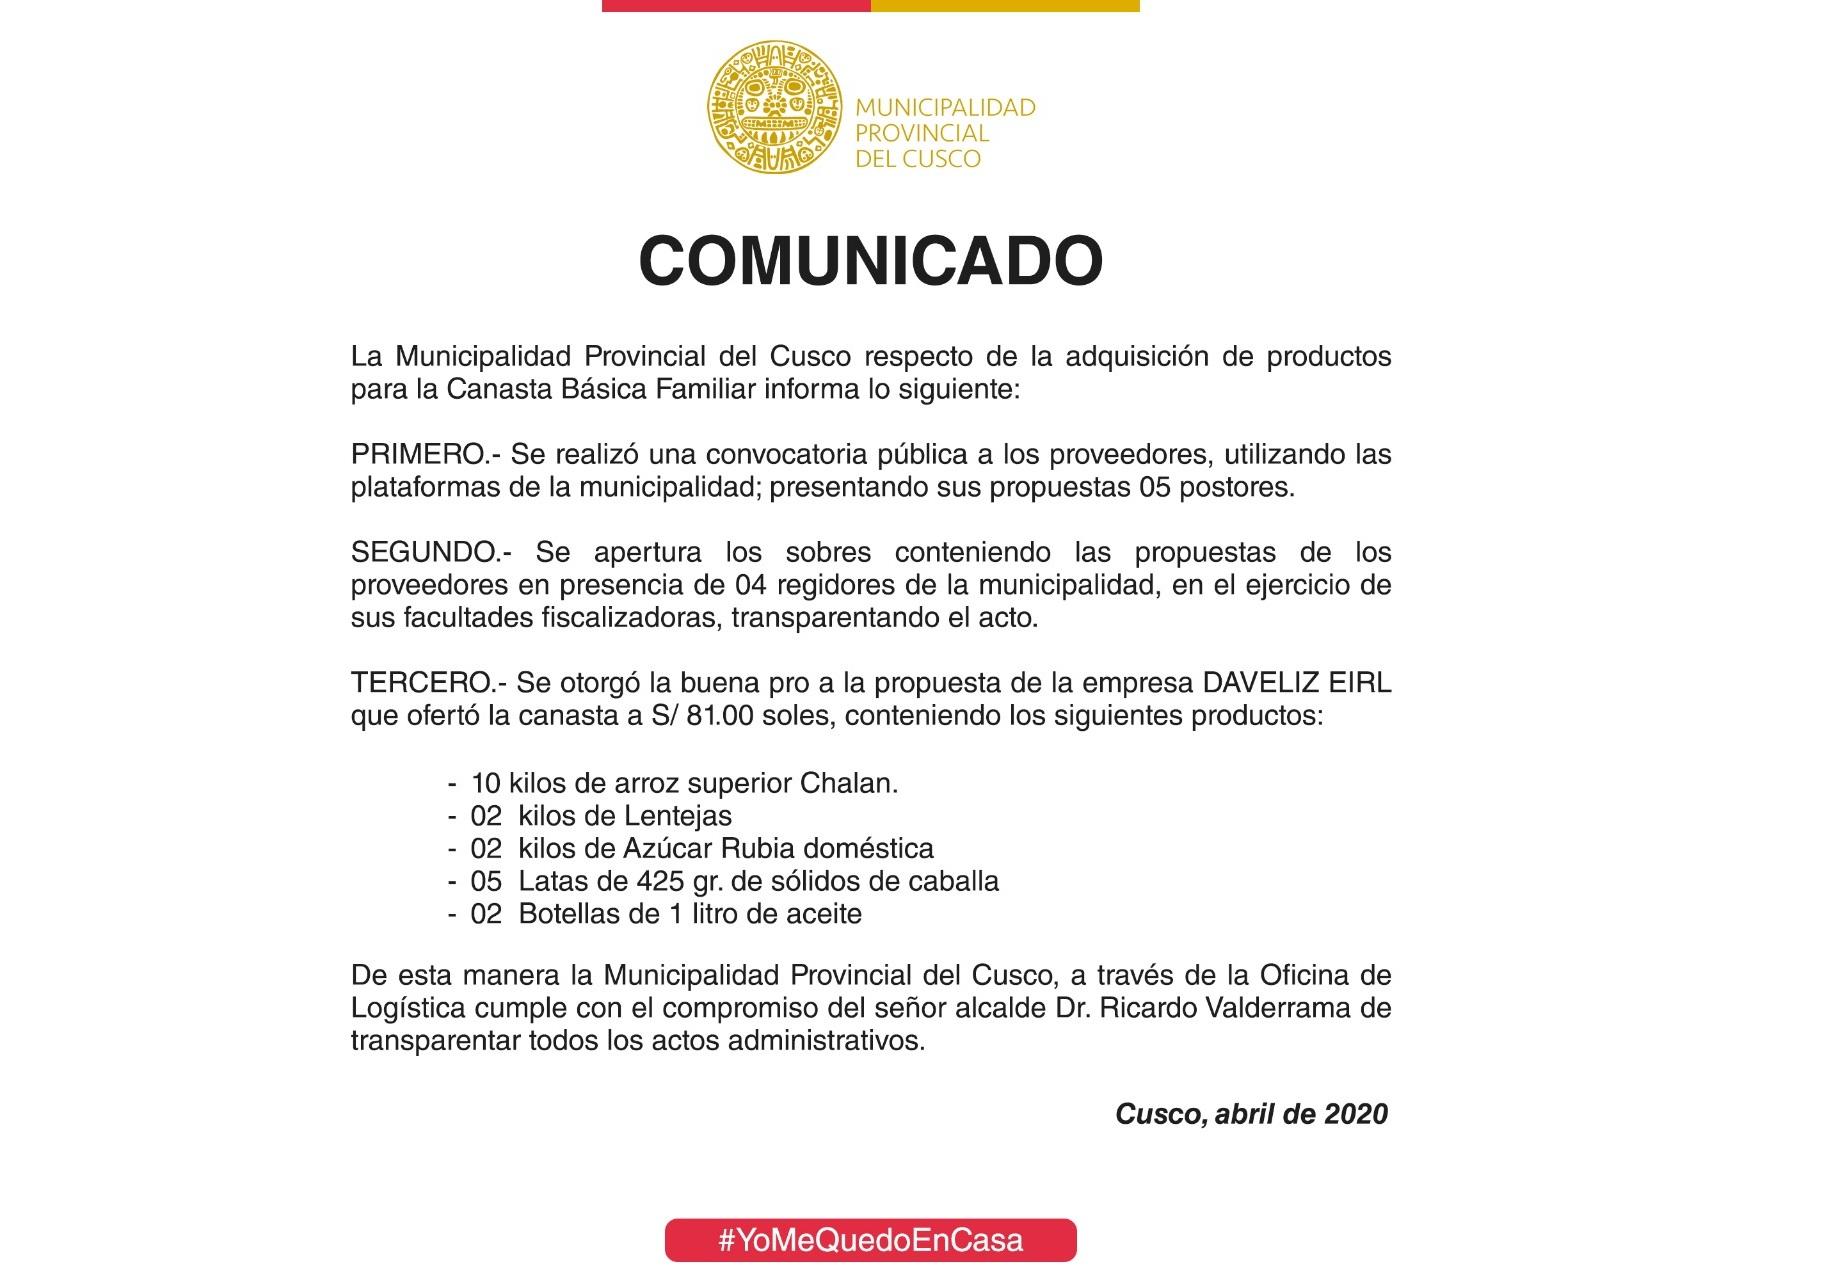 La Municipalidad Provincial del Cusco, respecto de la adquisición de productos…